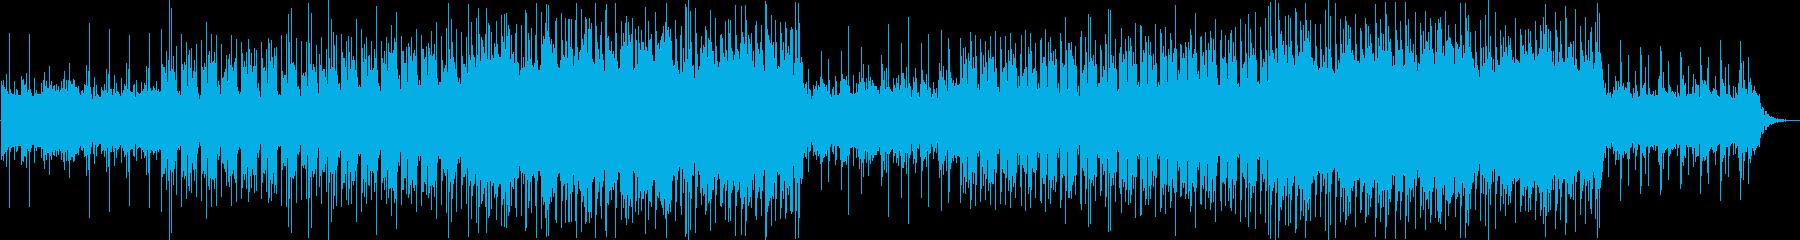 爽やかでポップなアコギとピアノのBGMの再生済みの波形